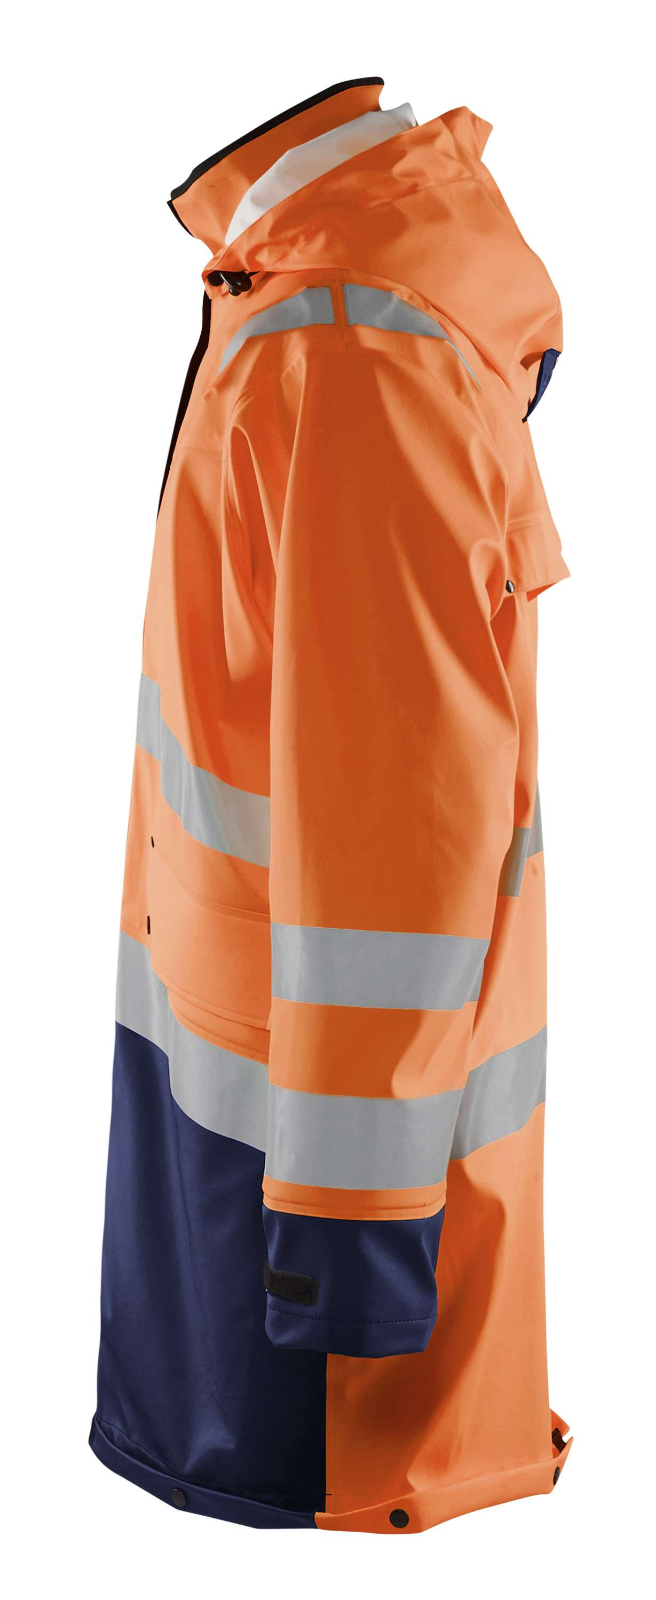 Blaklader Jassen 43062003 High Vis oranje-marineblauw(5389)